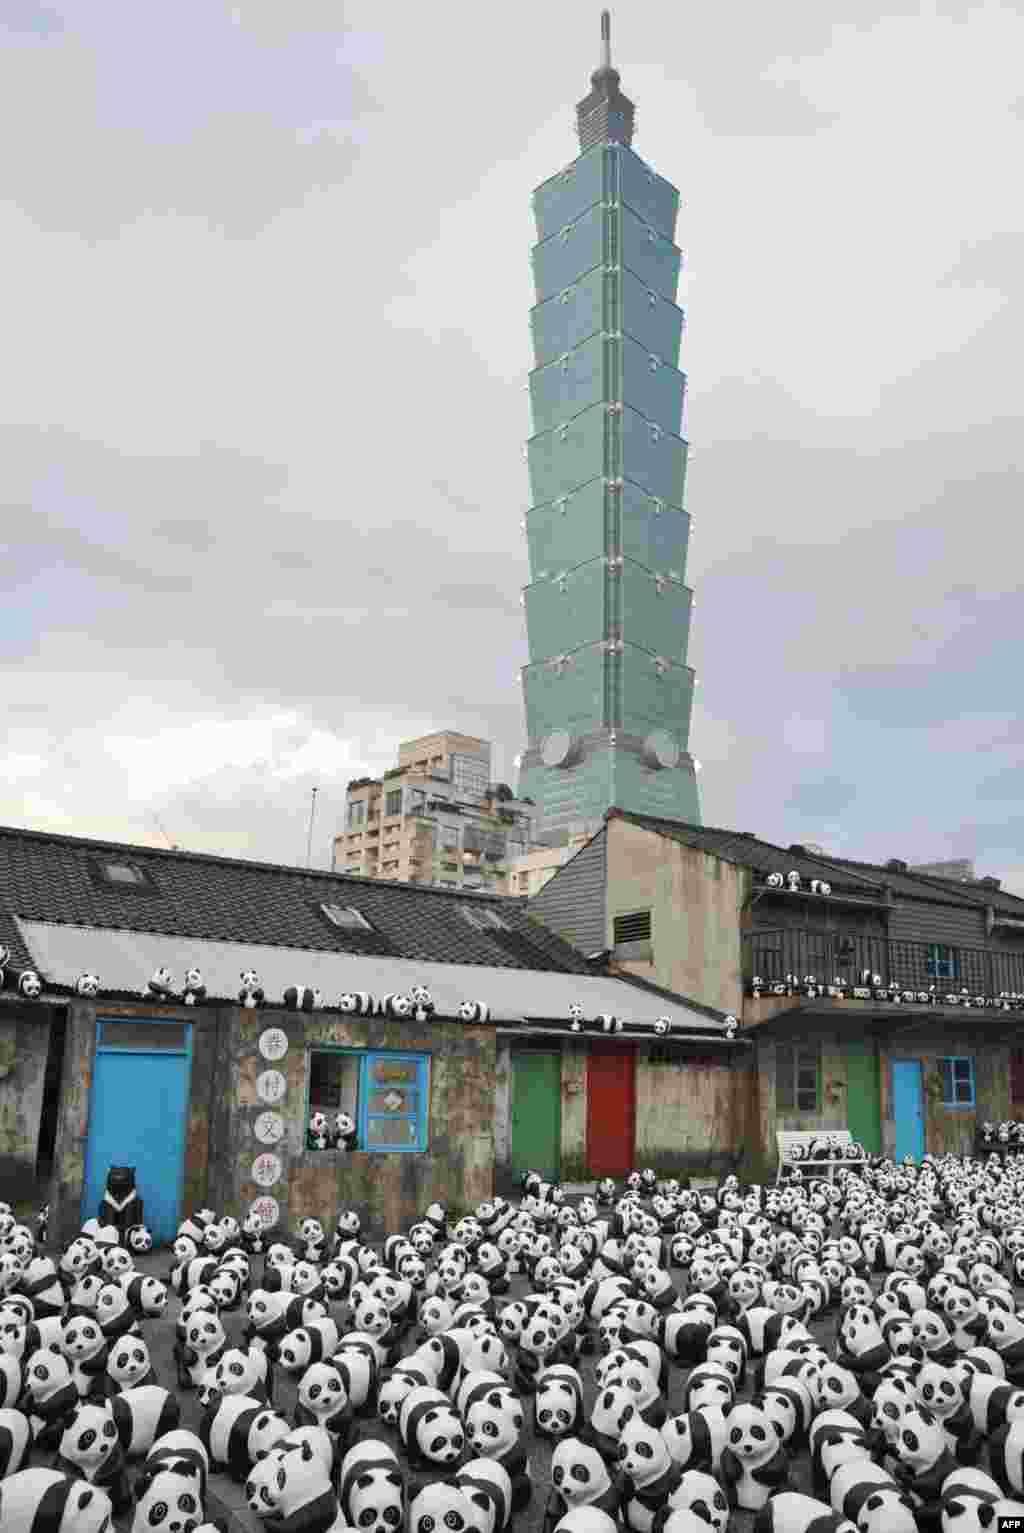 """타이완 서남부 대남 시의 101 빌딩 인근에서 """"펜다 온 투어"""" 전시회 가 열렸다. 프랑스 작가의 작품인 1천6백 여 마리의 종이 팬다가 거리에 전시되어 있다."""